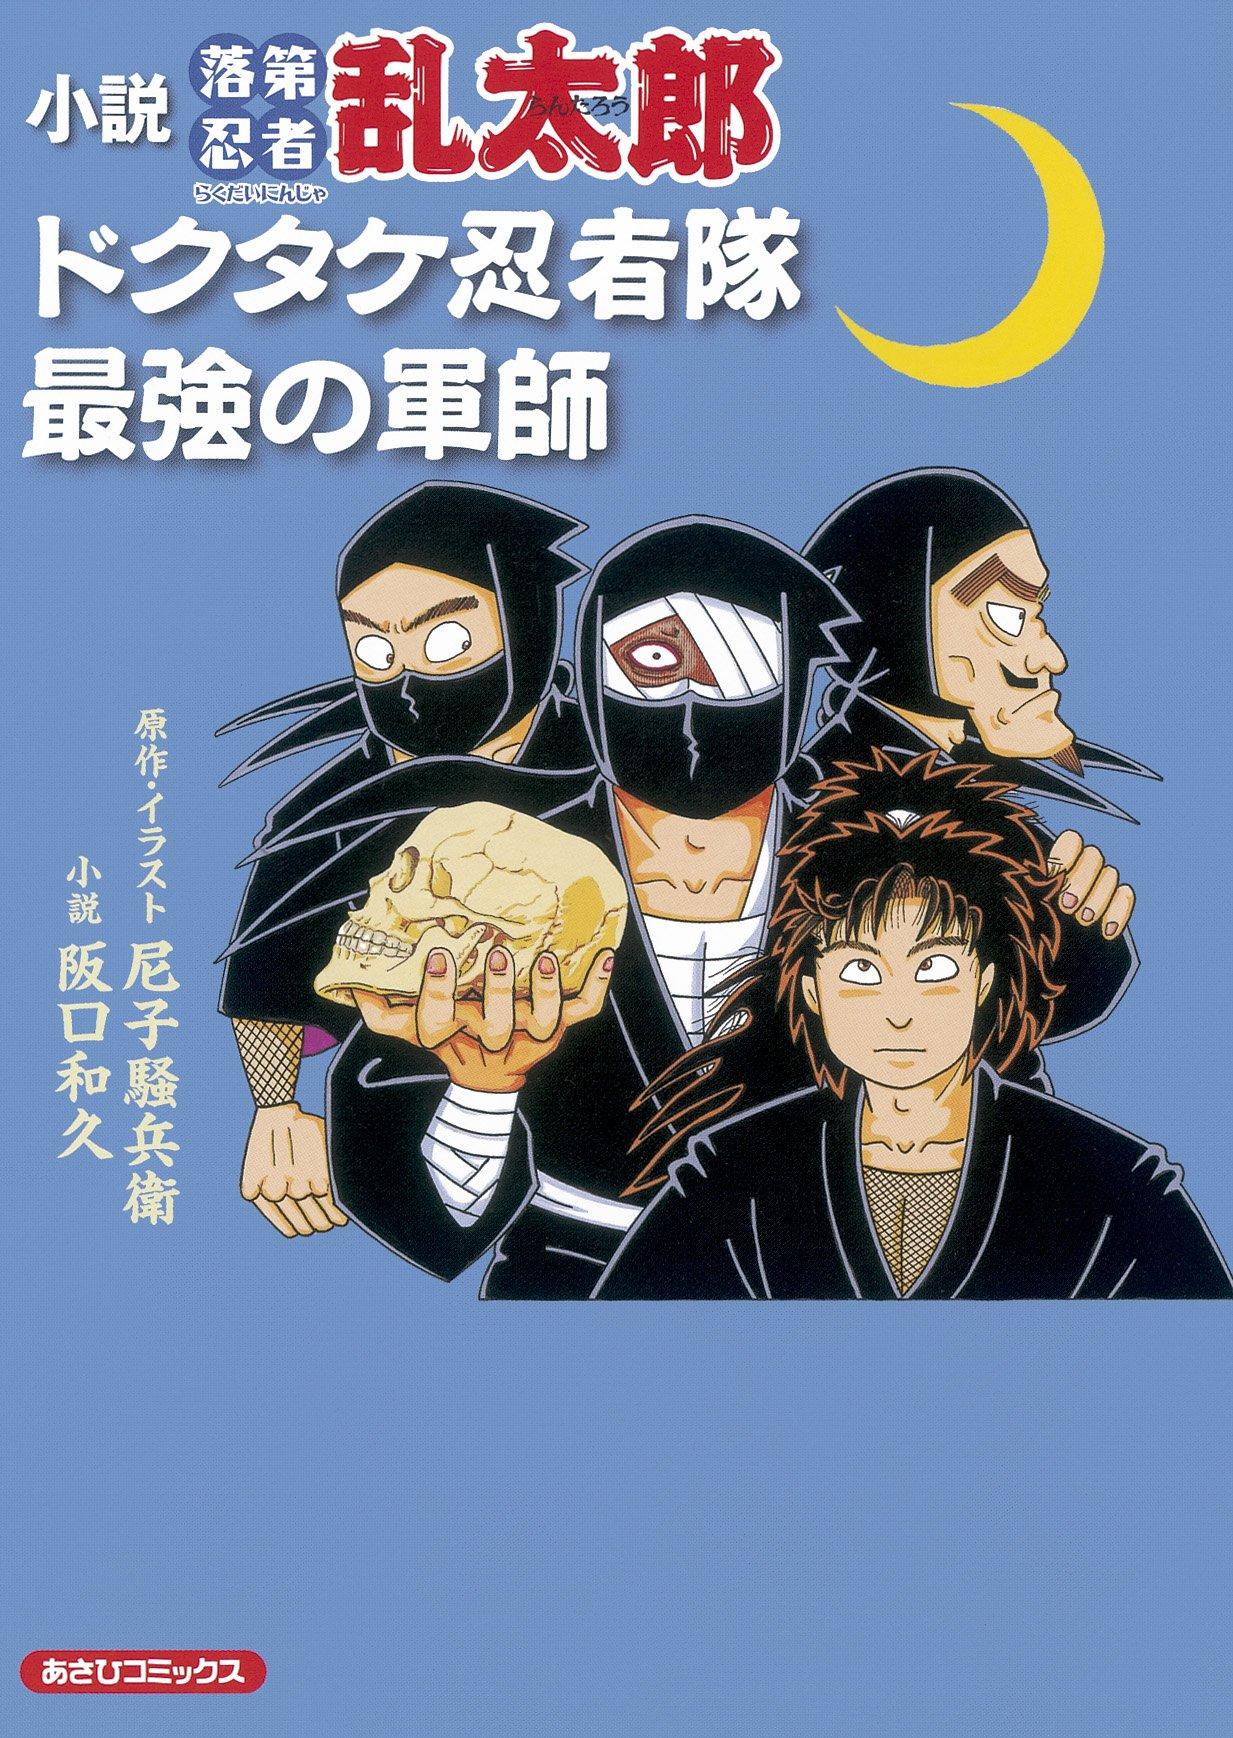 Shosetsu rakudai ninja rantaro : Dokutake ninjatai saikyo no ...